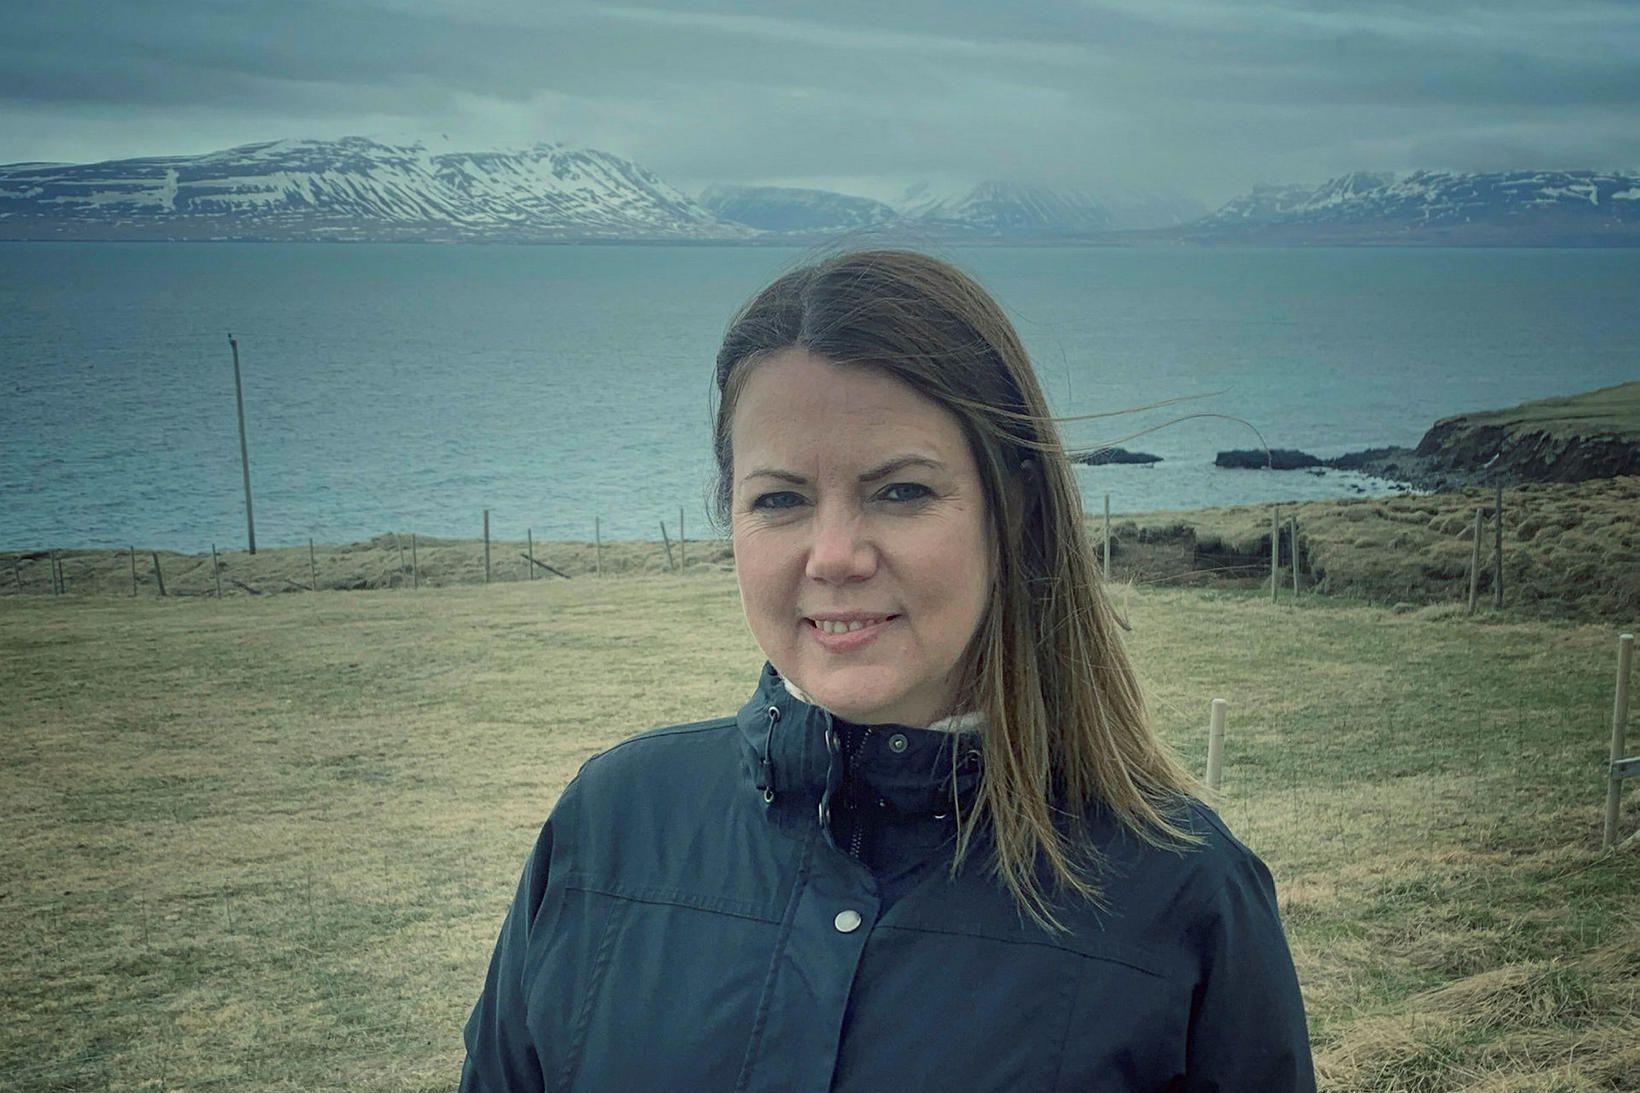 Guðný Hilmarsdóttir rekur vefinn EKTA Iceland sem miðlar upplýsingum um …